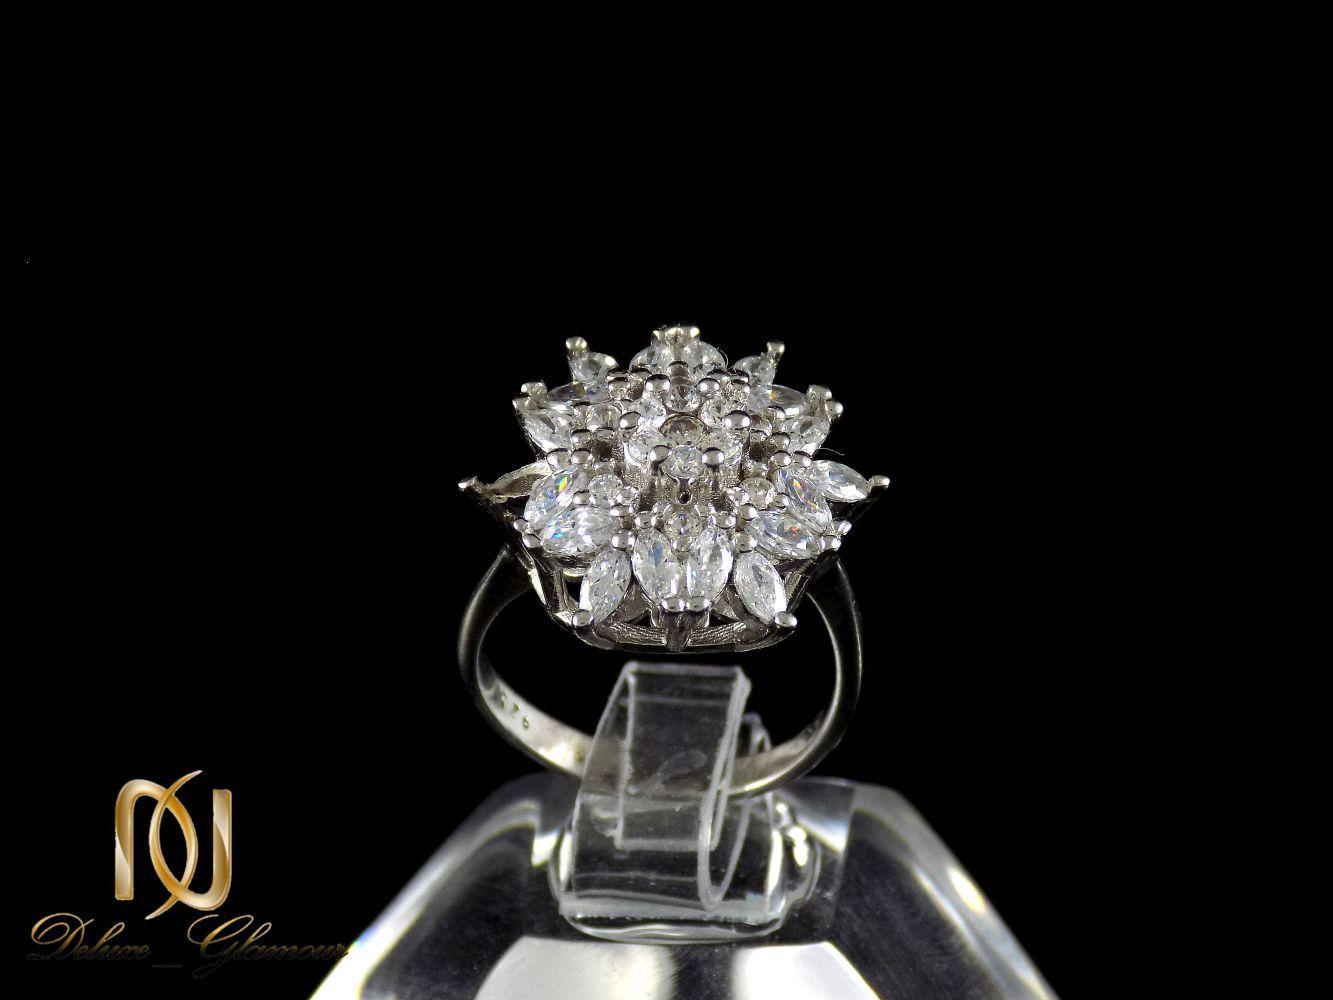 انگشتر زنانه نقره طرح گل با نگین های سفید از نوع زیرکونیا dl-a107